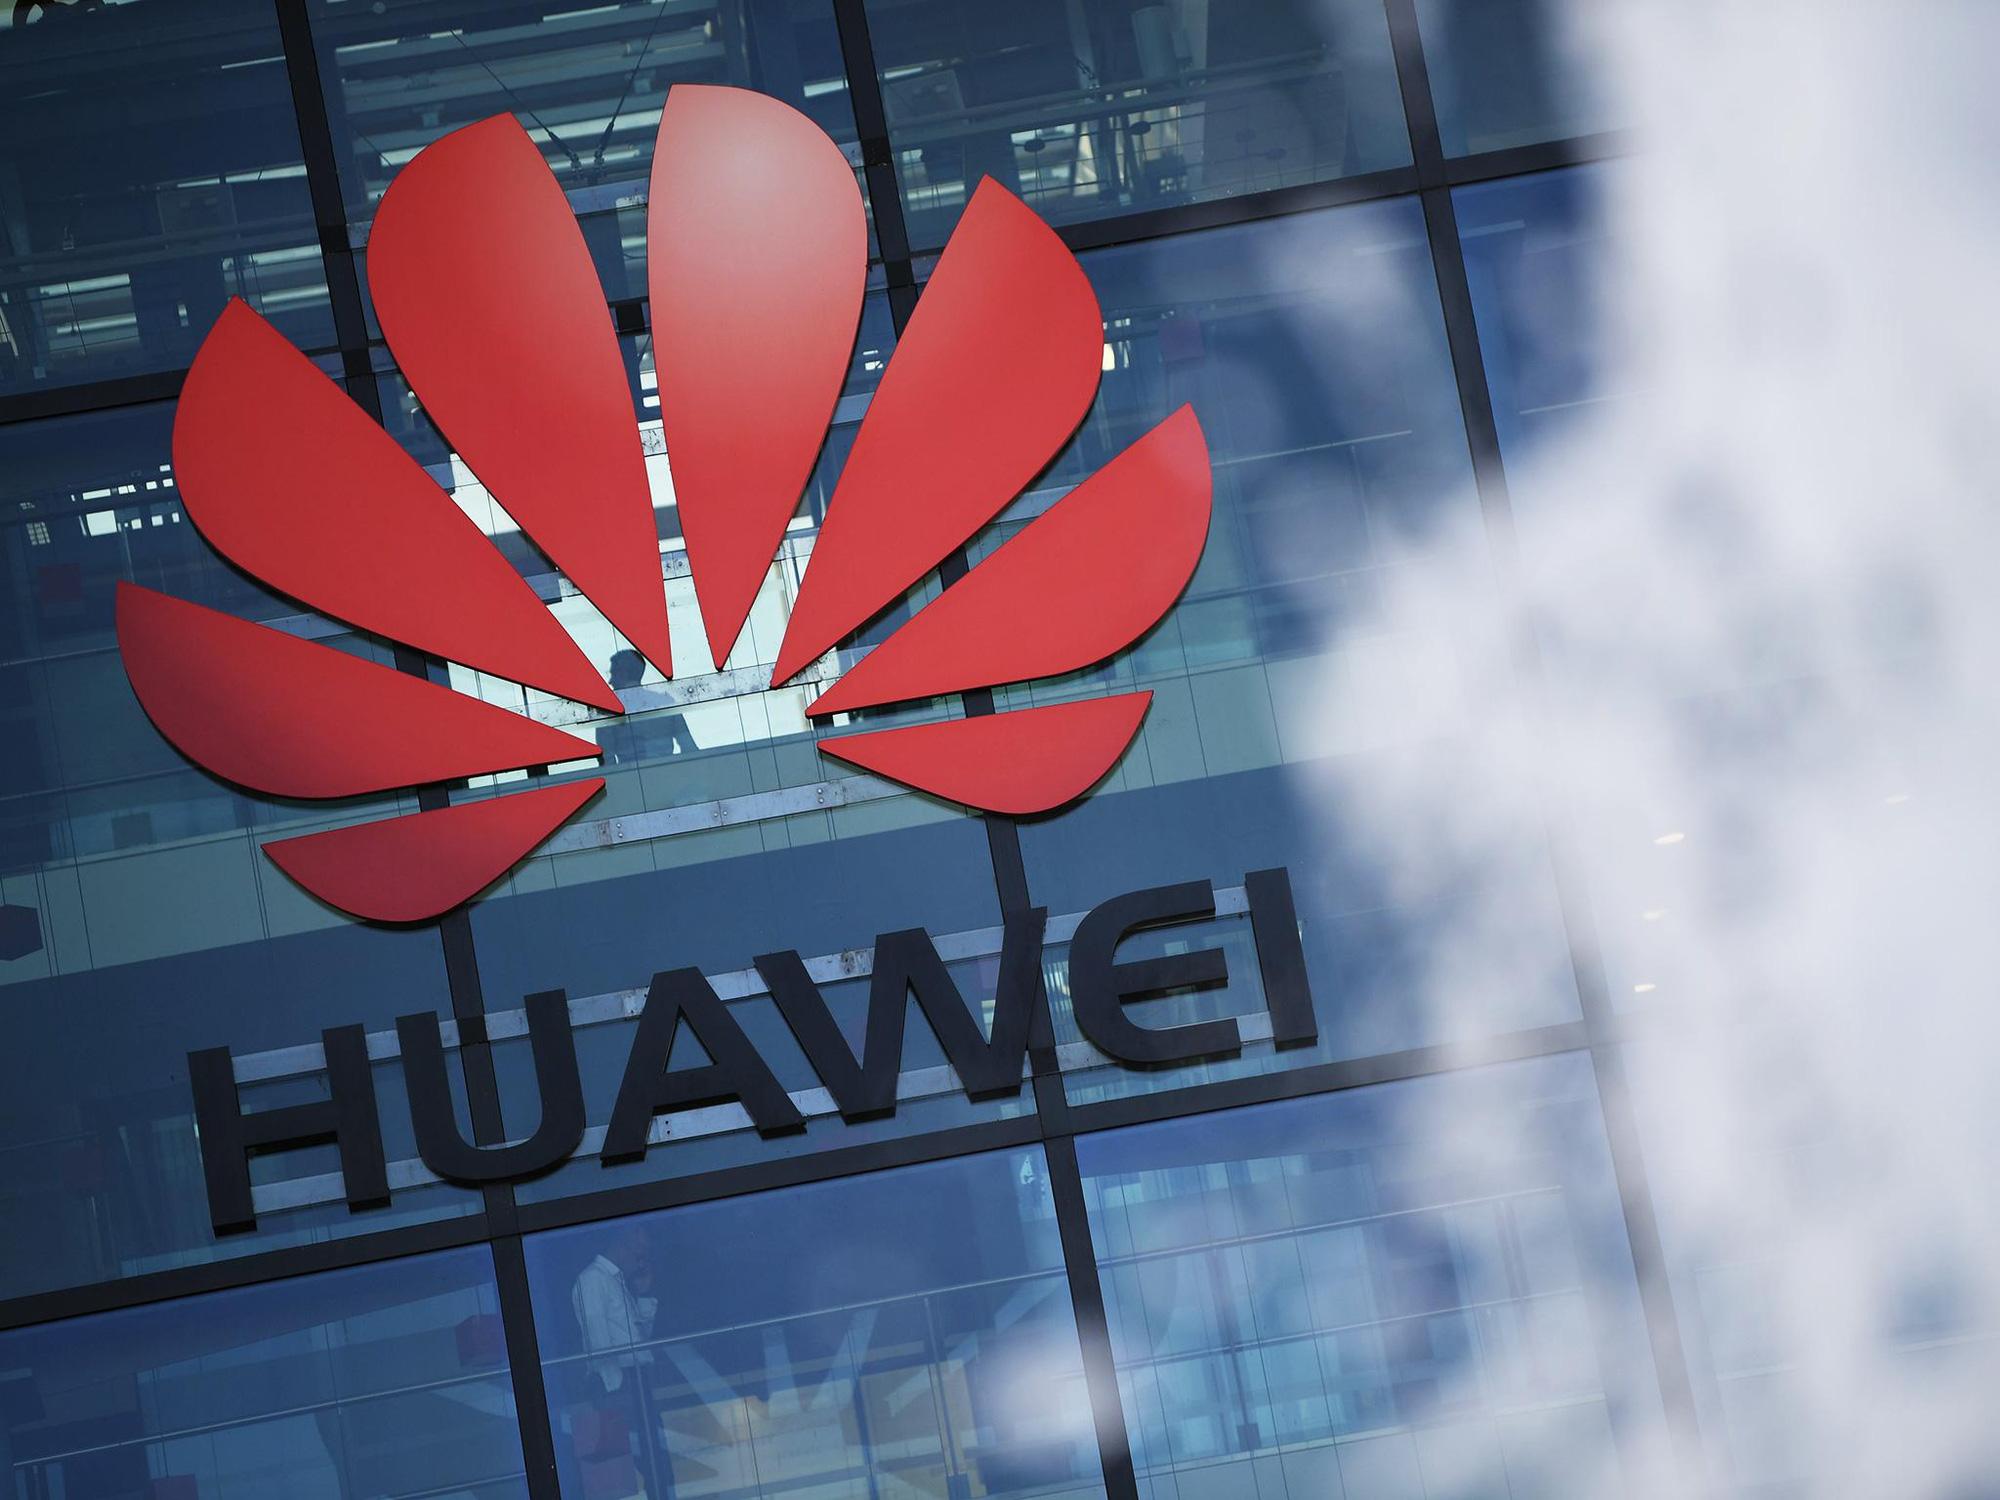 Anh chỉ đạo các nhà mạng dự trữ thiết bị mạng khi Mỹ tăng cường trừng phạt Huawei - Ảnh 1.